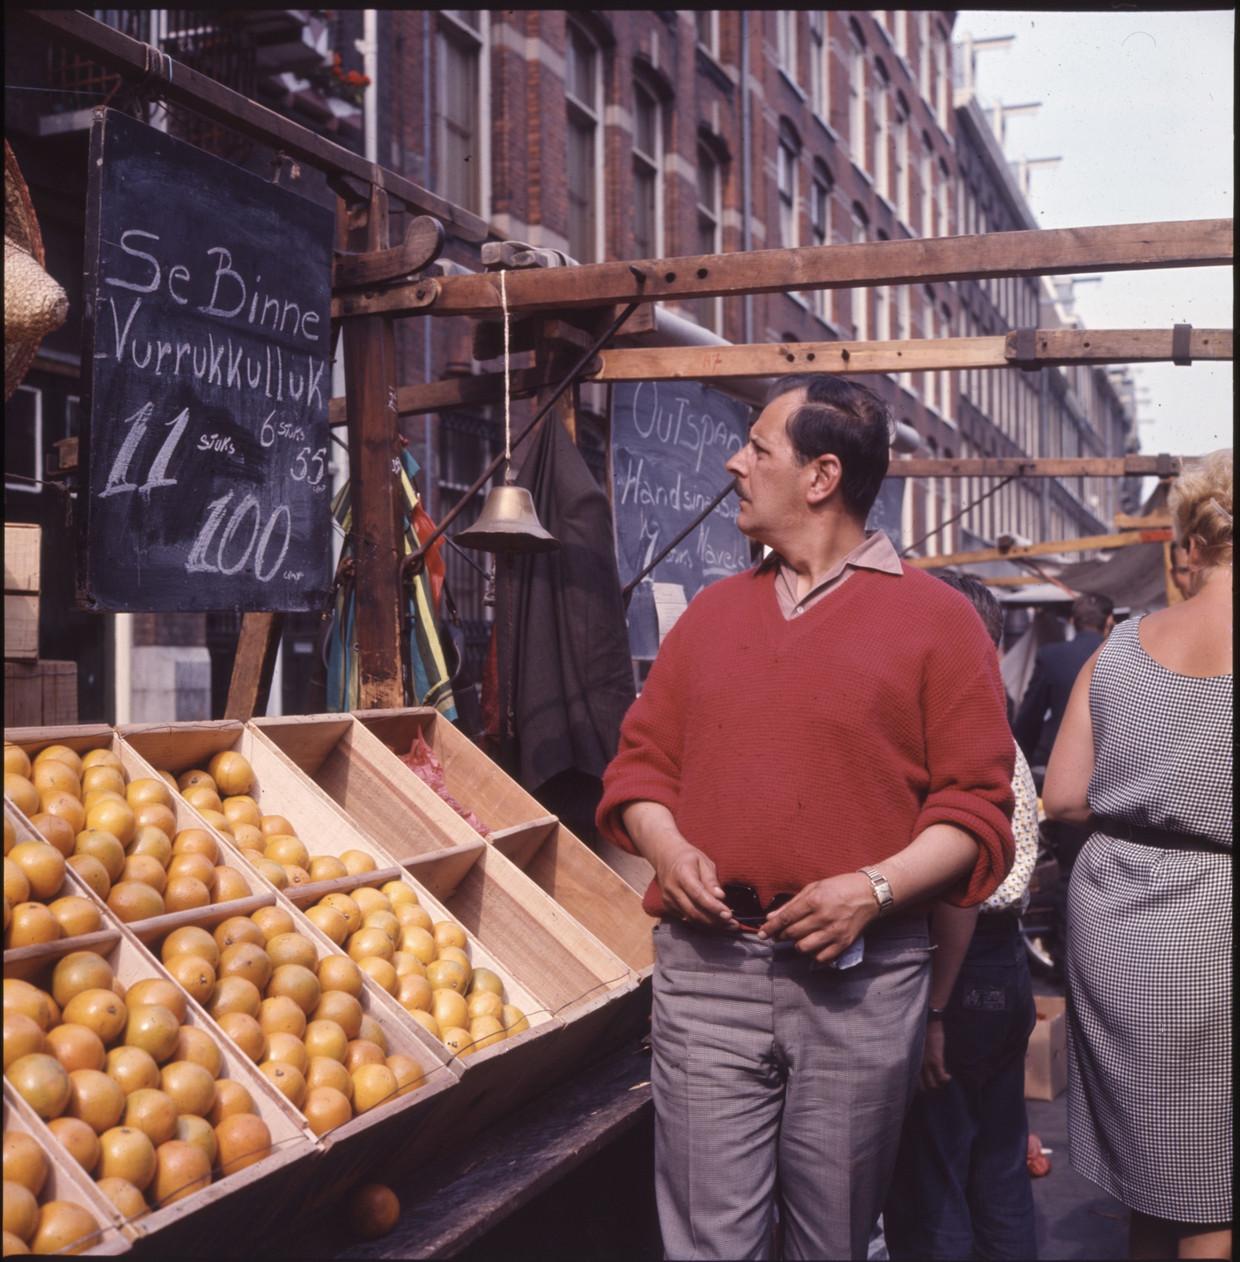 Een praatje met de groenteboer is essentieel voor het functioneren van een maatschappij. Beeld Hollandse Hoogte / Nederlands Fotomuseum